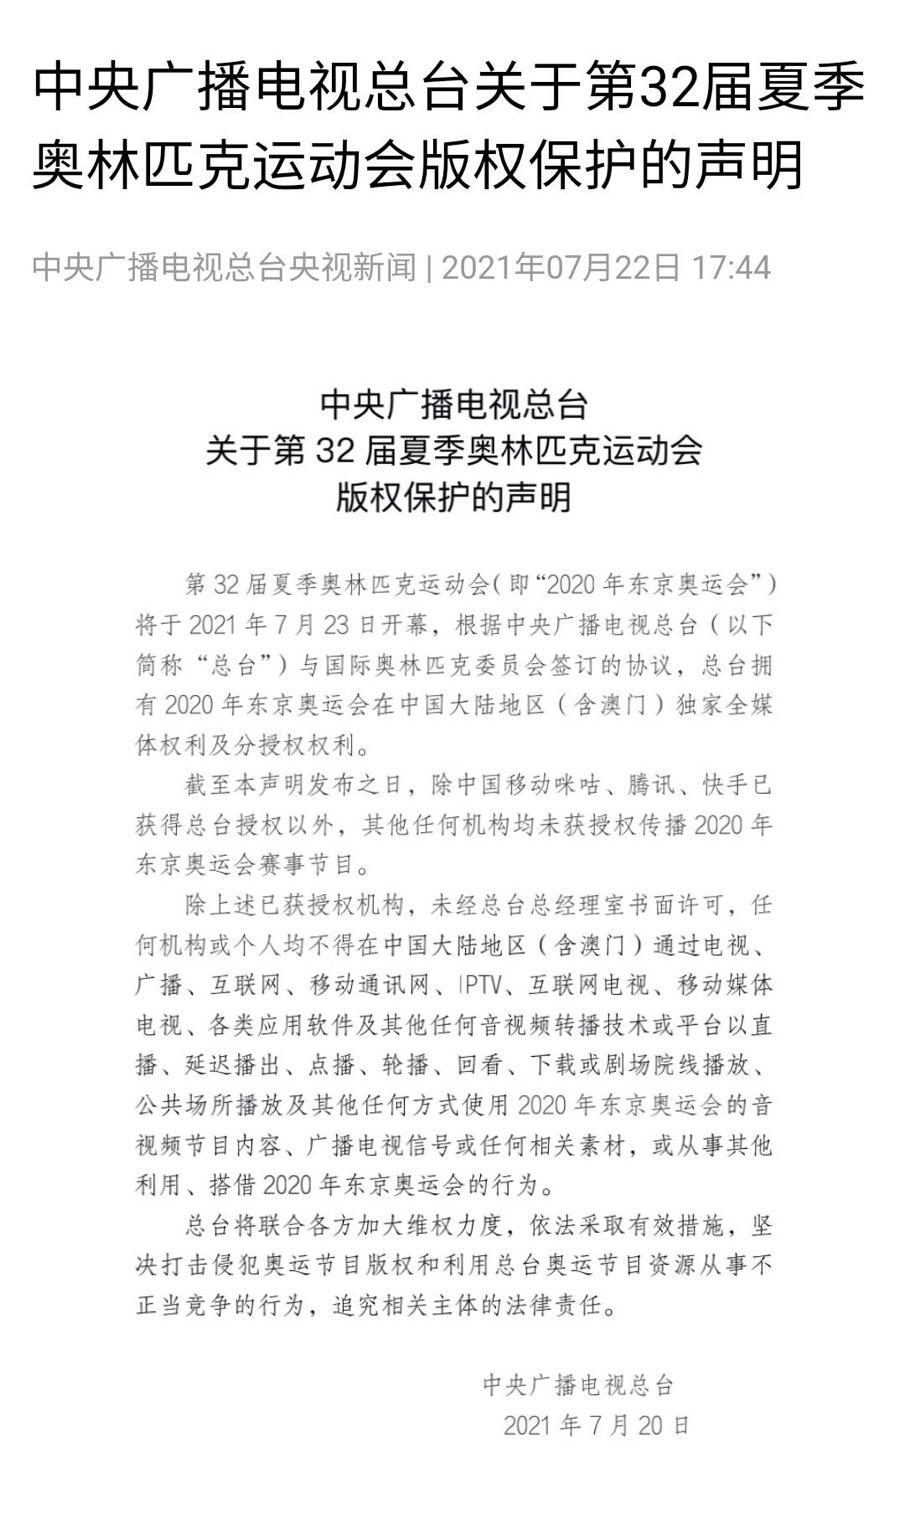 腾讯违规直播东京奥运会开幕式突遭下线 回应:郑重道歉